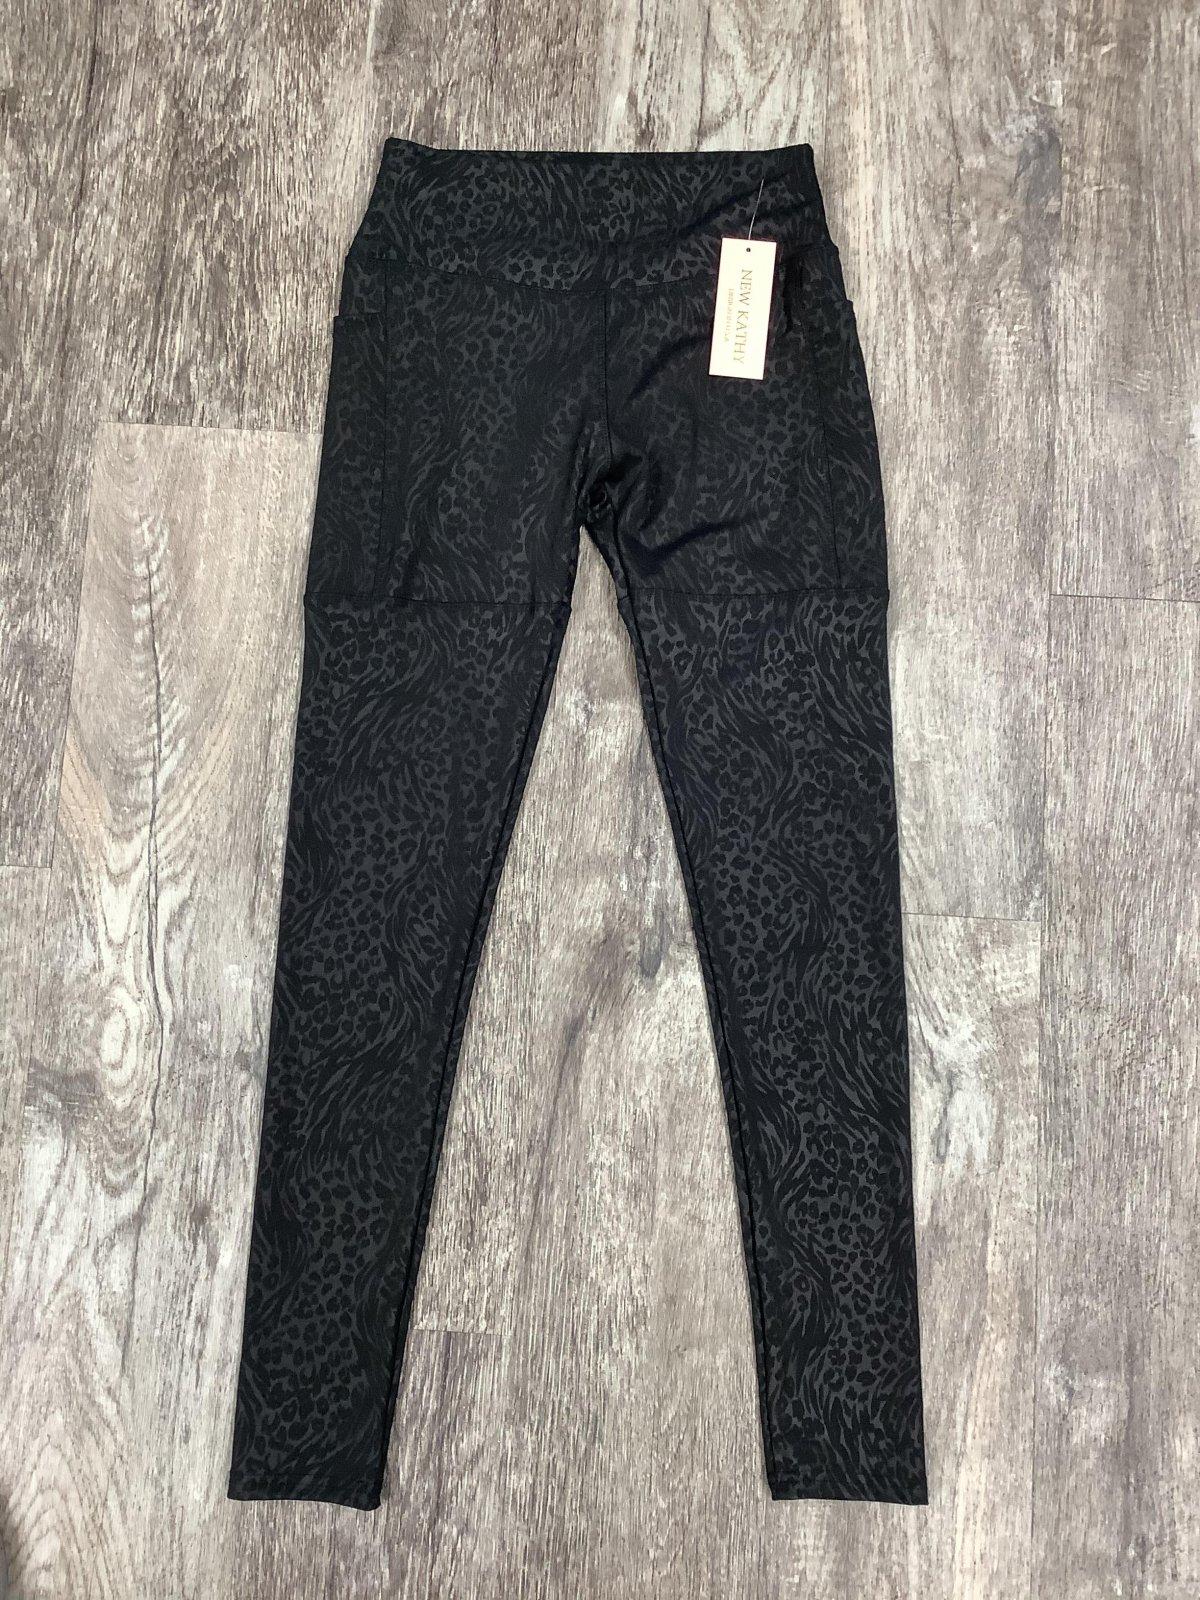 Black Leopard Print Side Pocket Athletic Legging